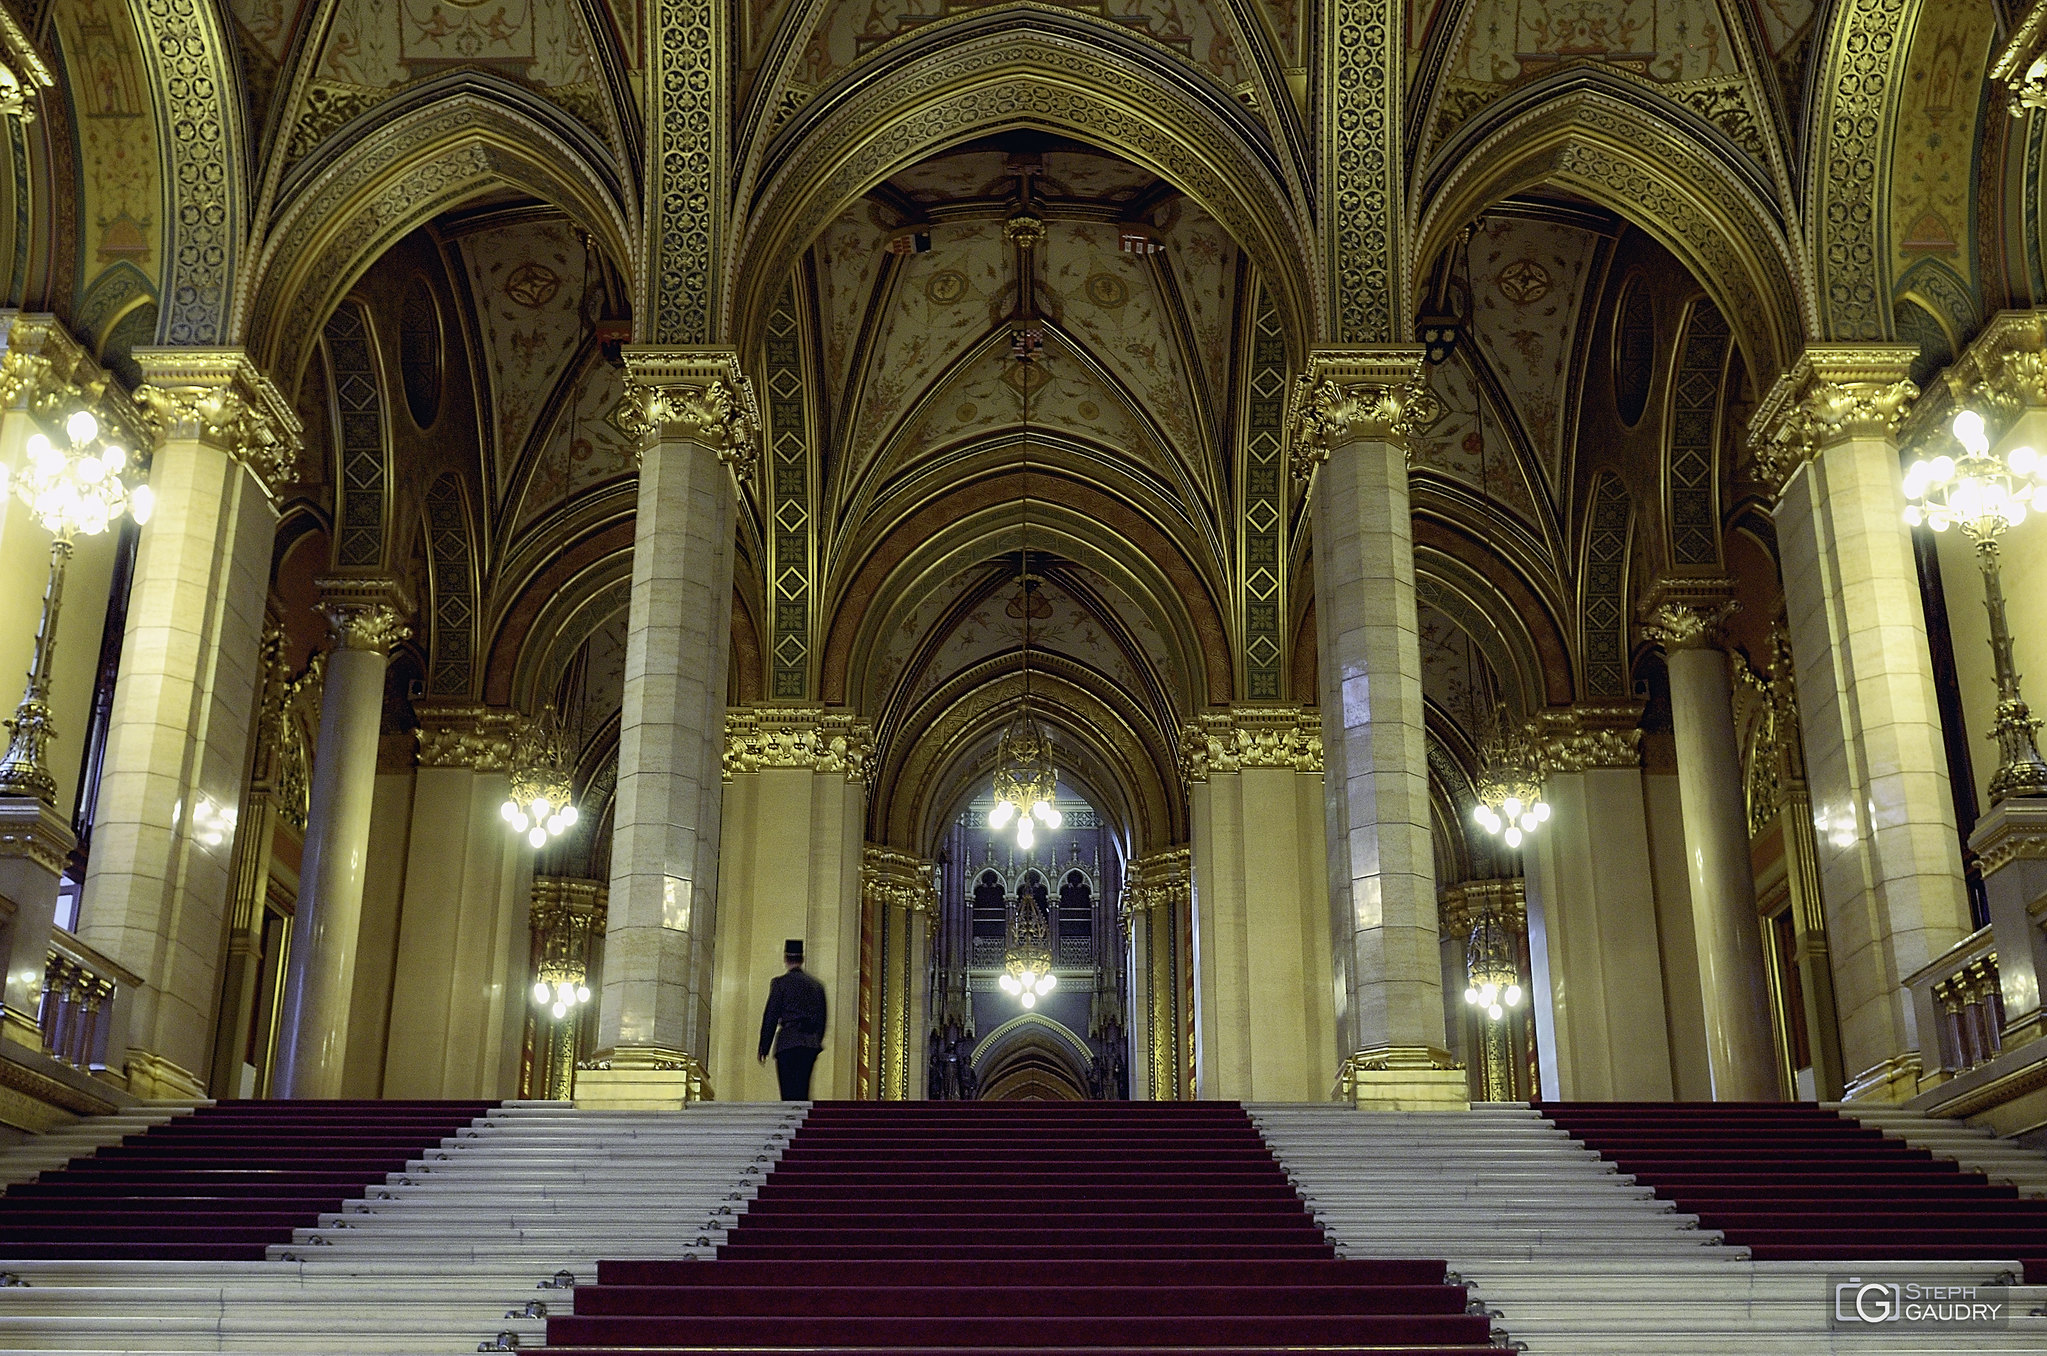 Escaliers et plafonds du parlement Hongrois [Click to start slideshow]